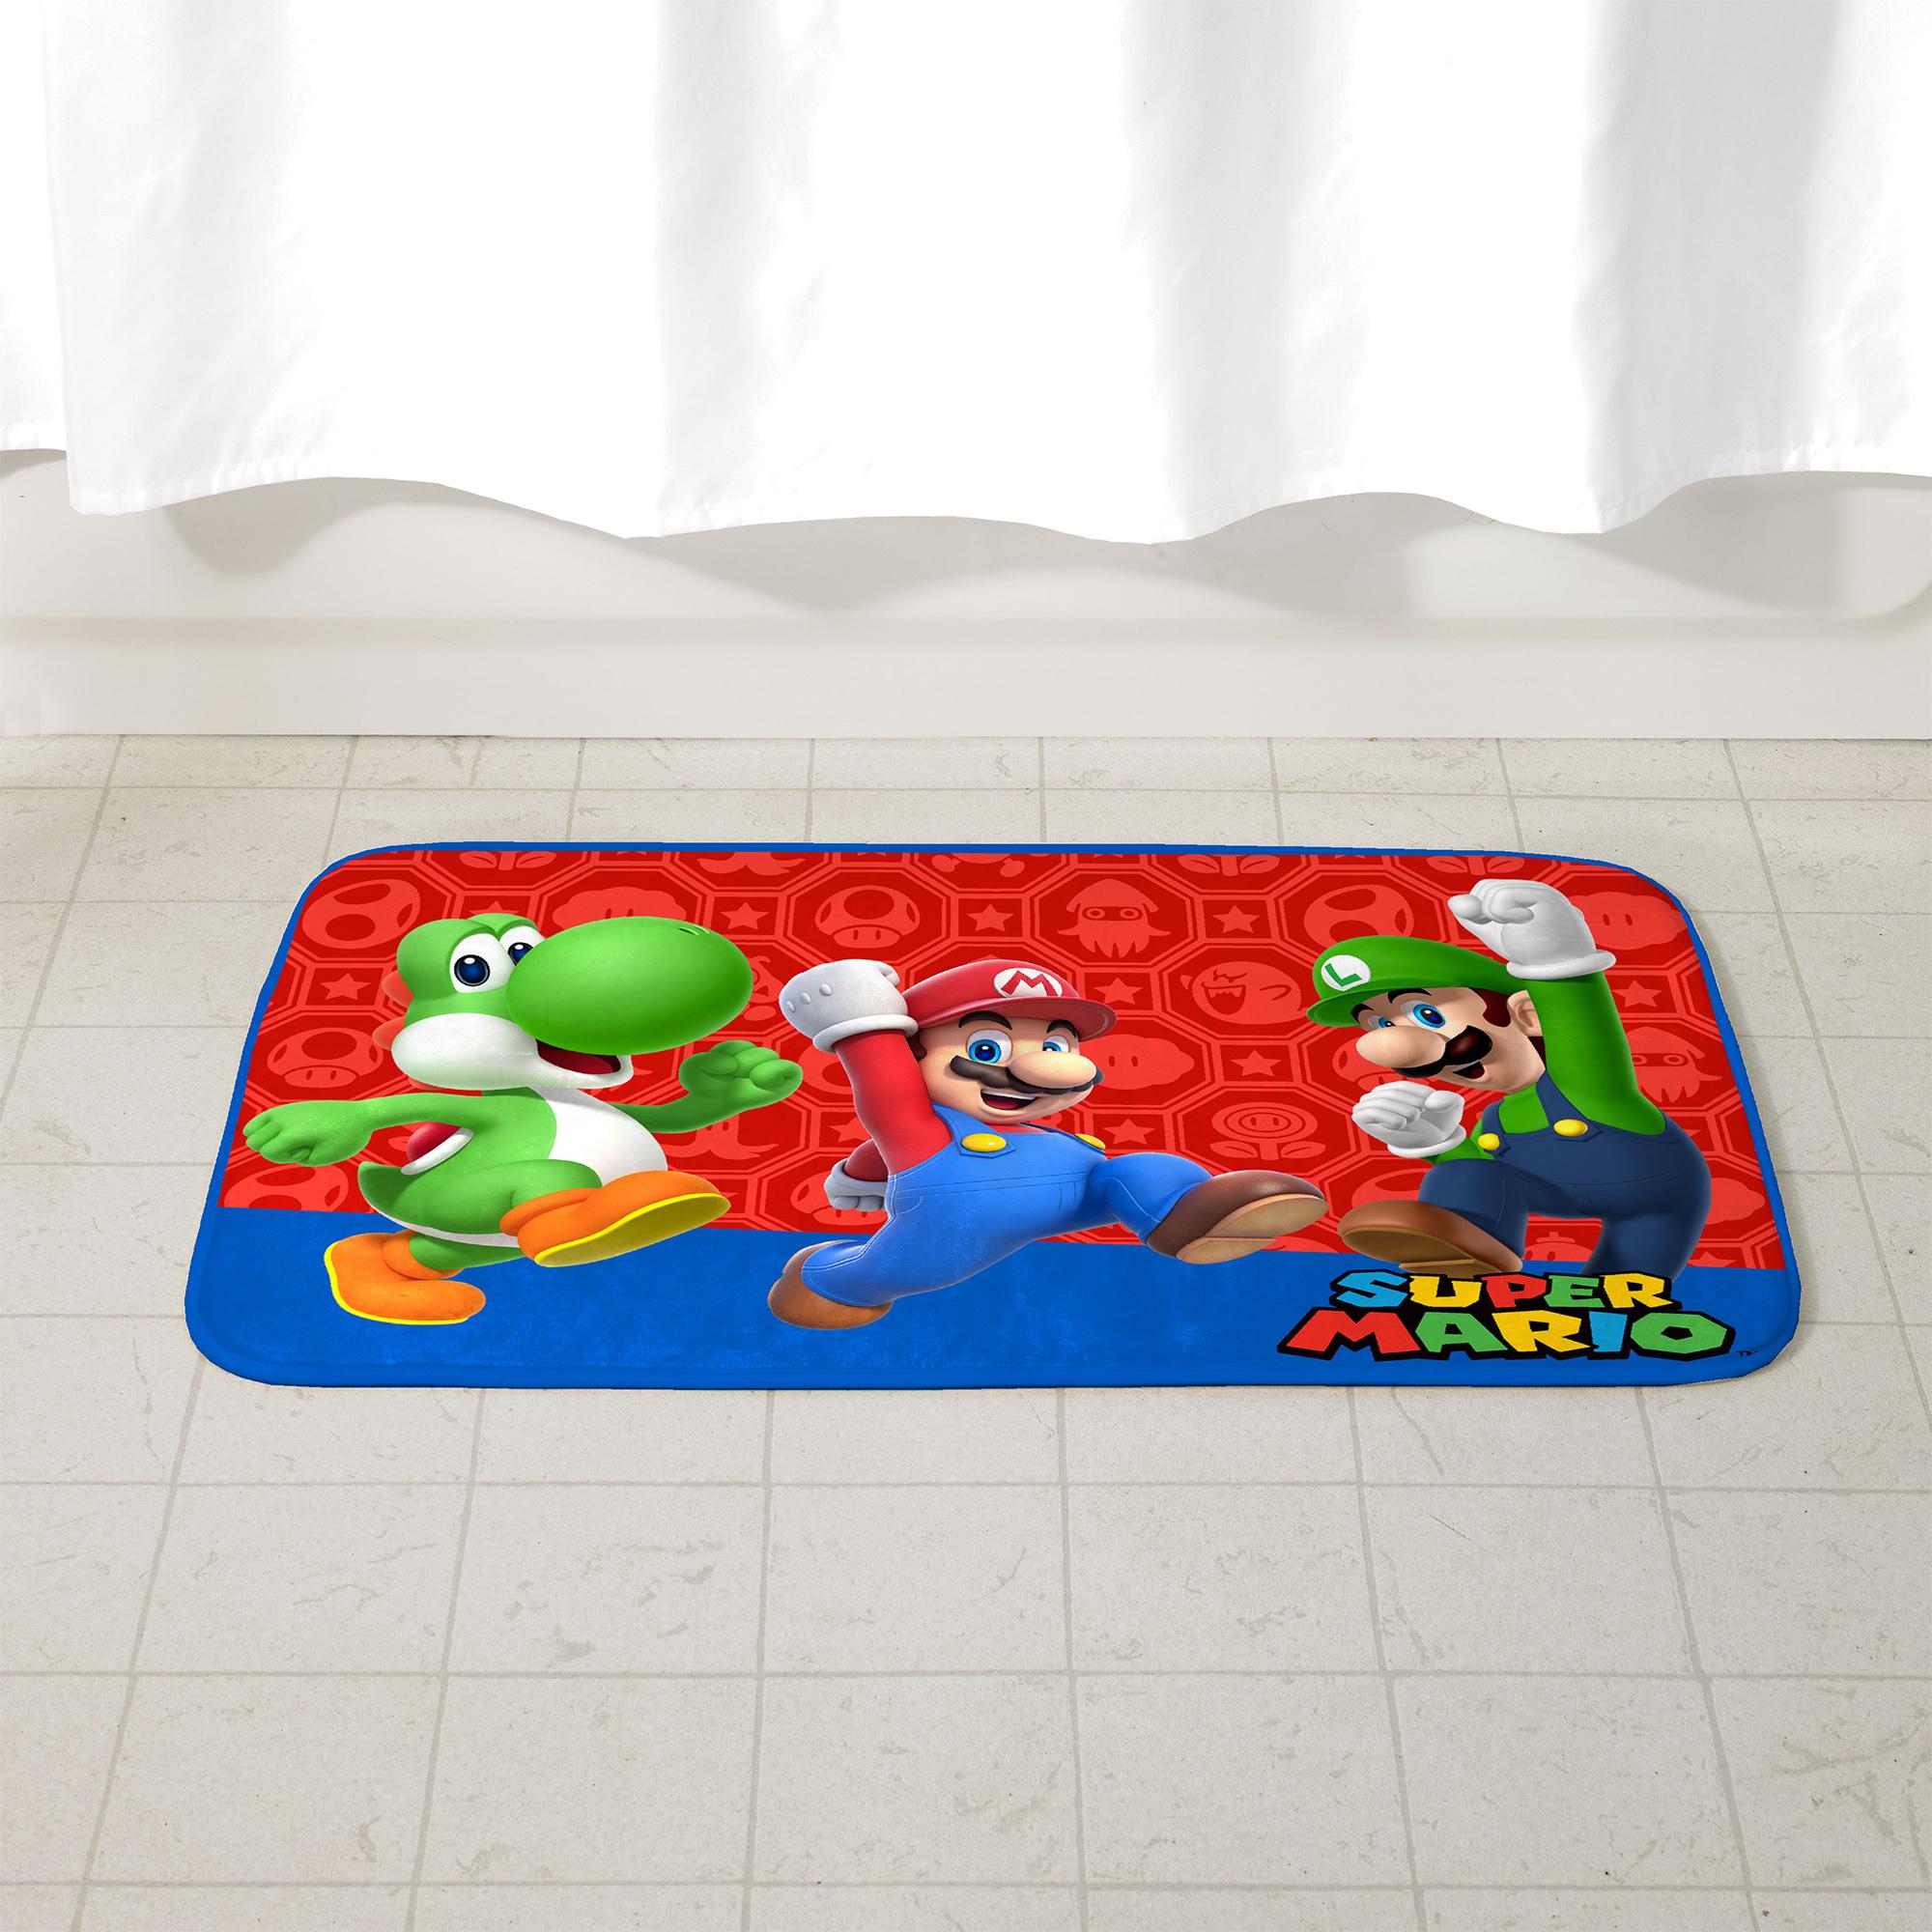 Super Mario Bath Mat $10.31